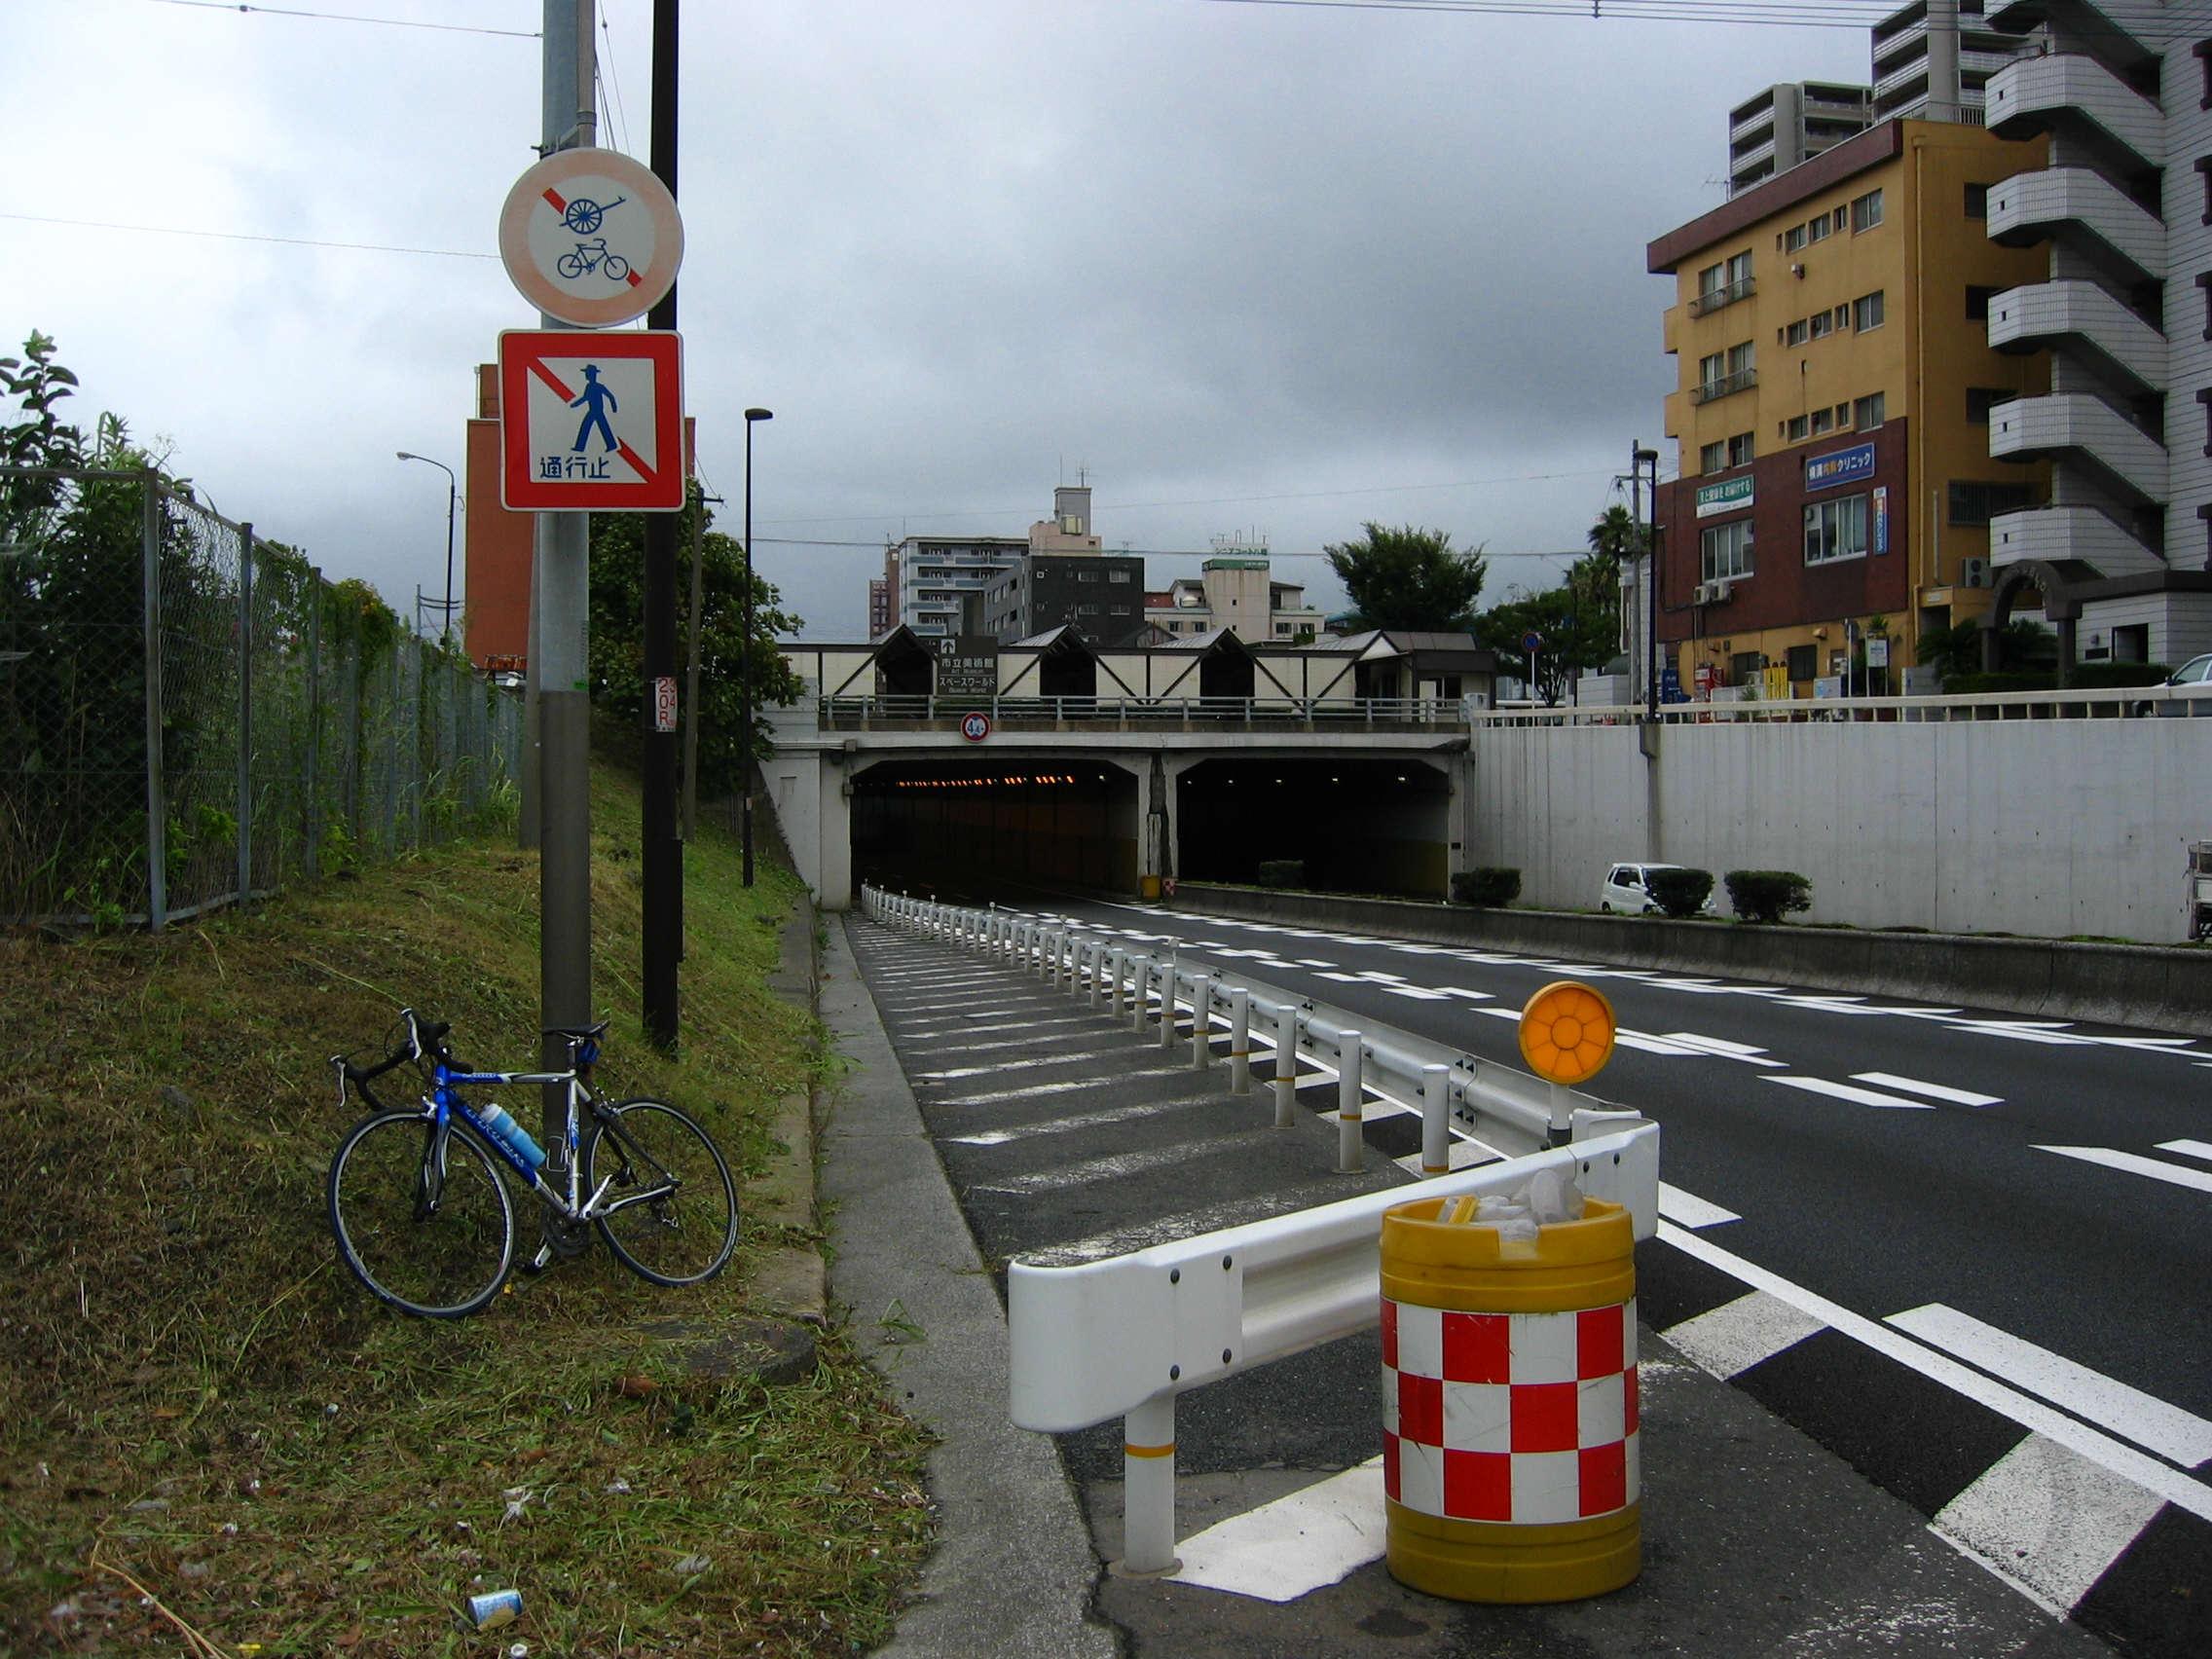 自転車の 自転車 標識 一覧 : ... 自転車整備~国道3号線自転車